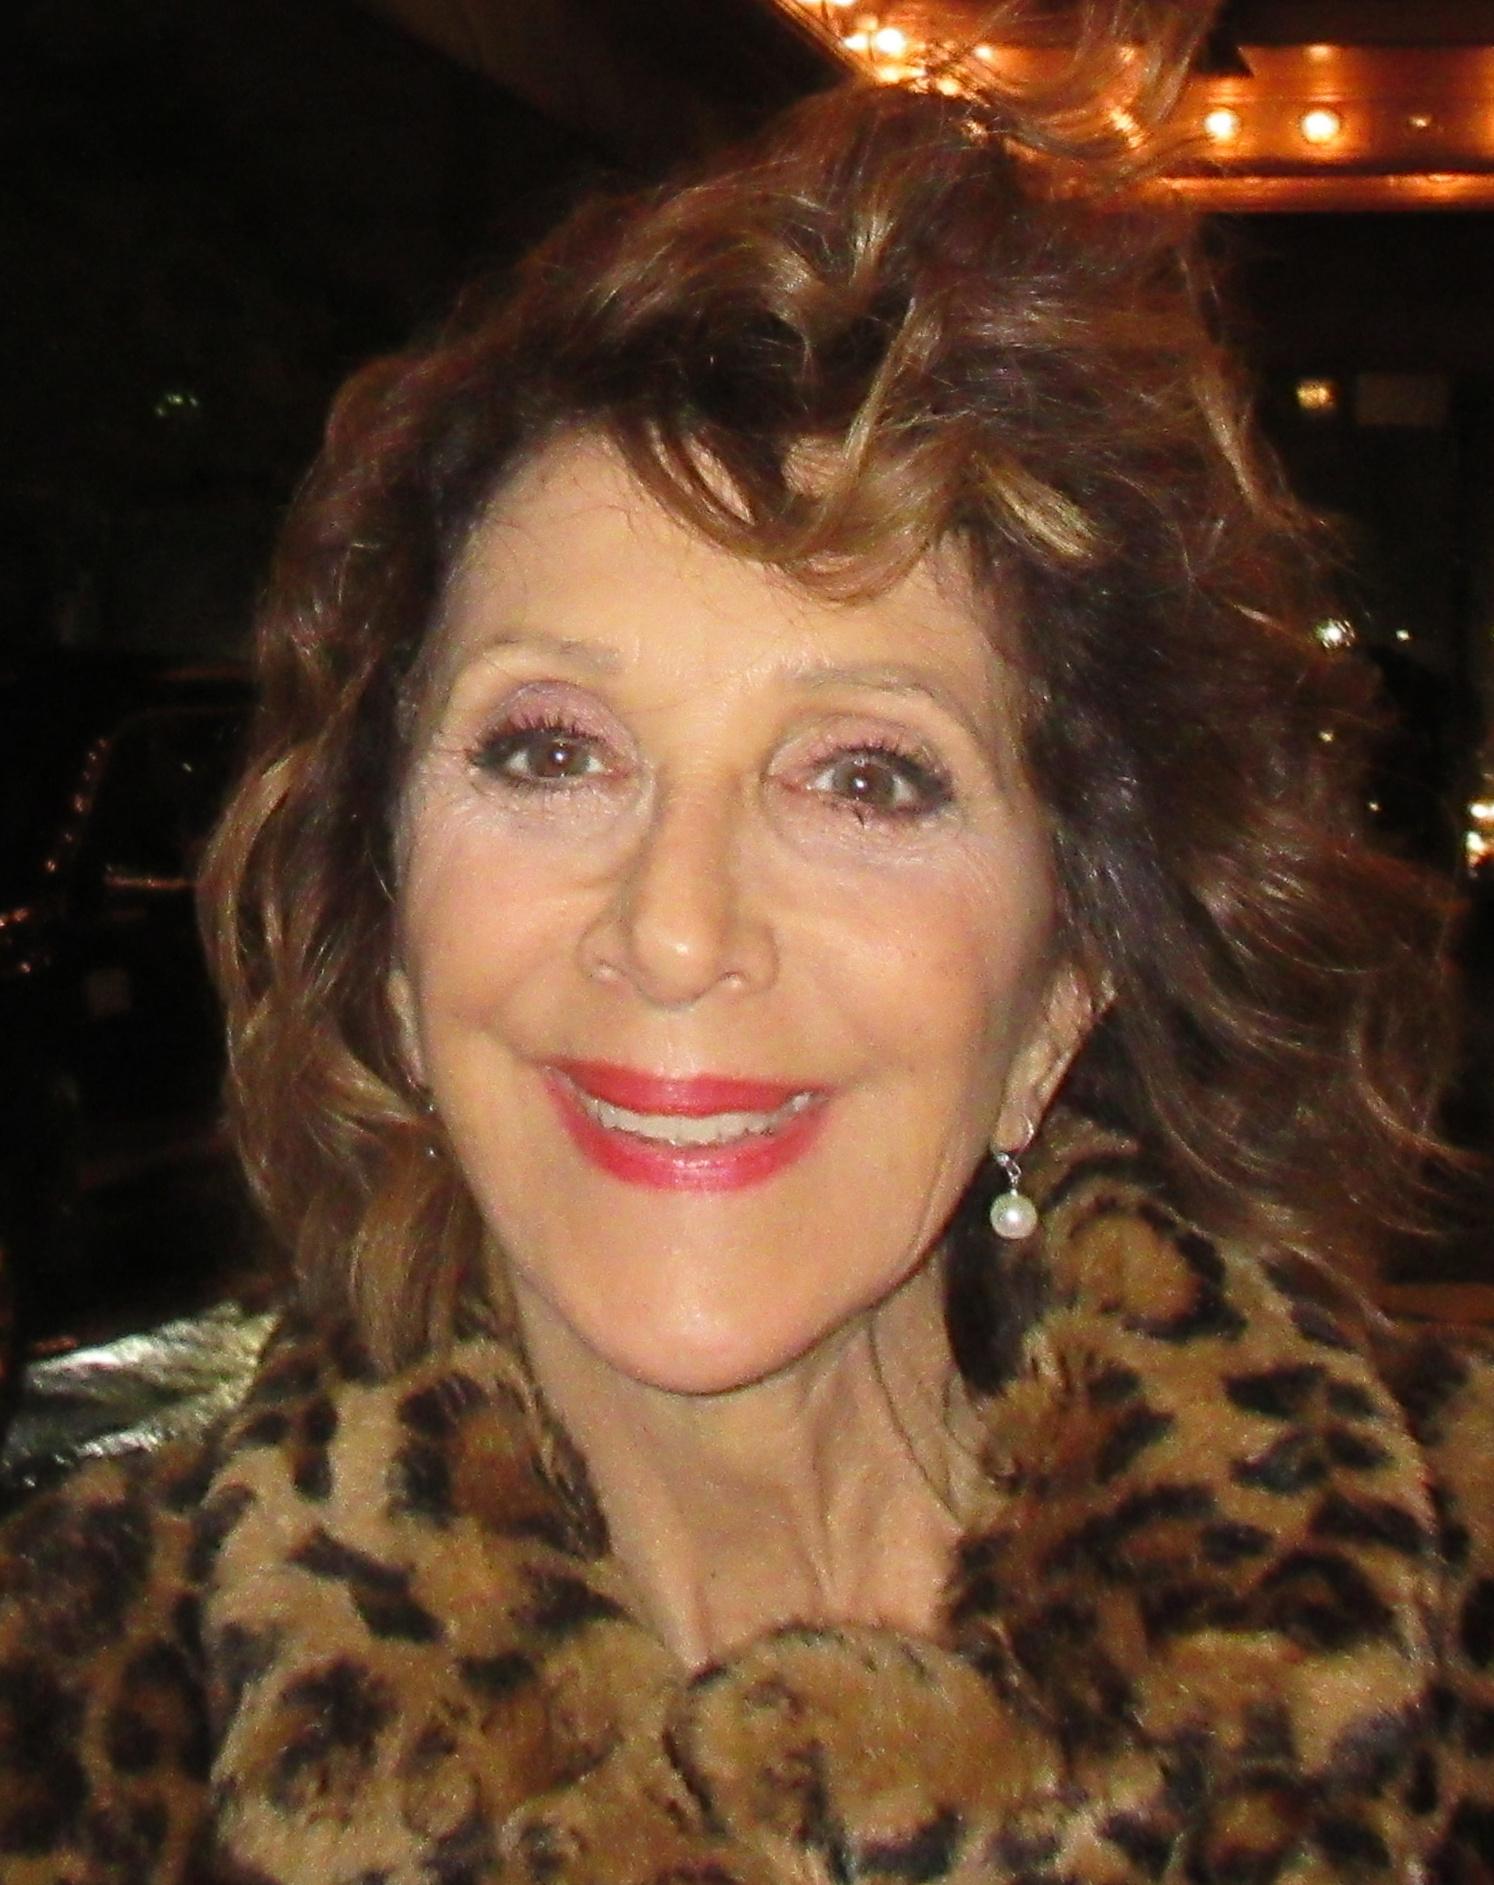 Andrea C Nude Pics andrea martin - wikipedia